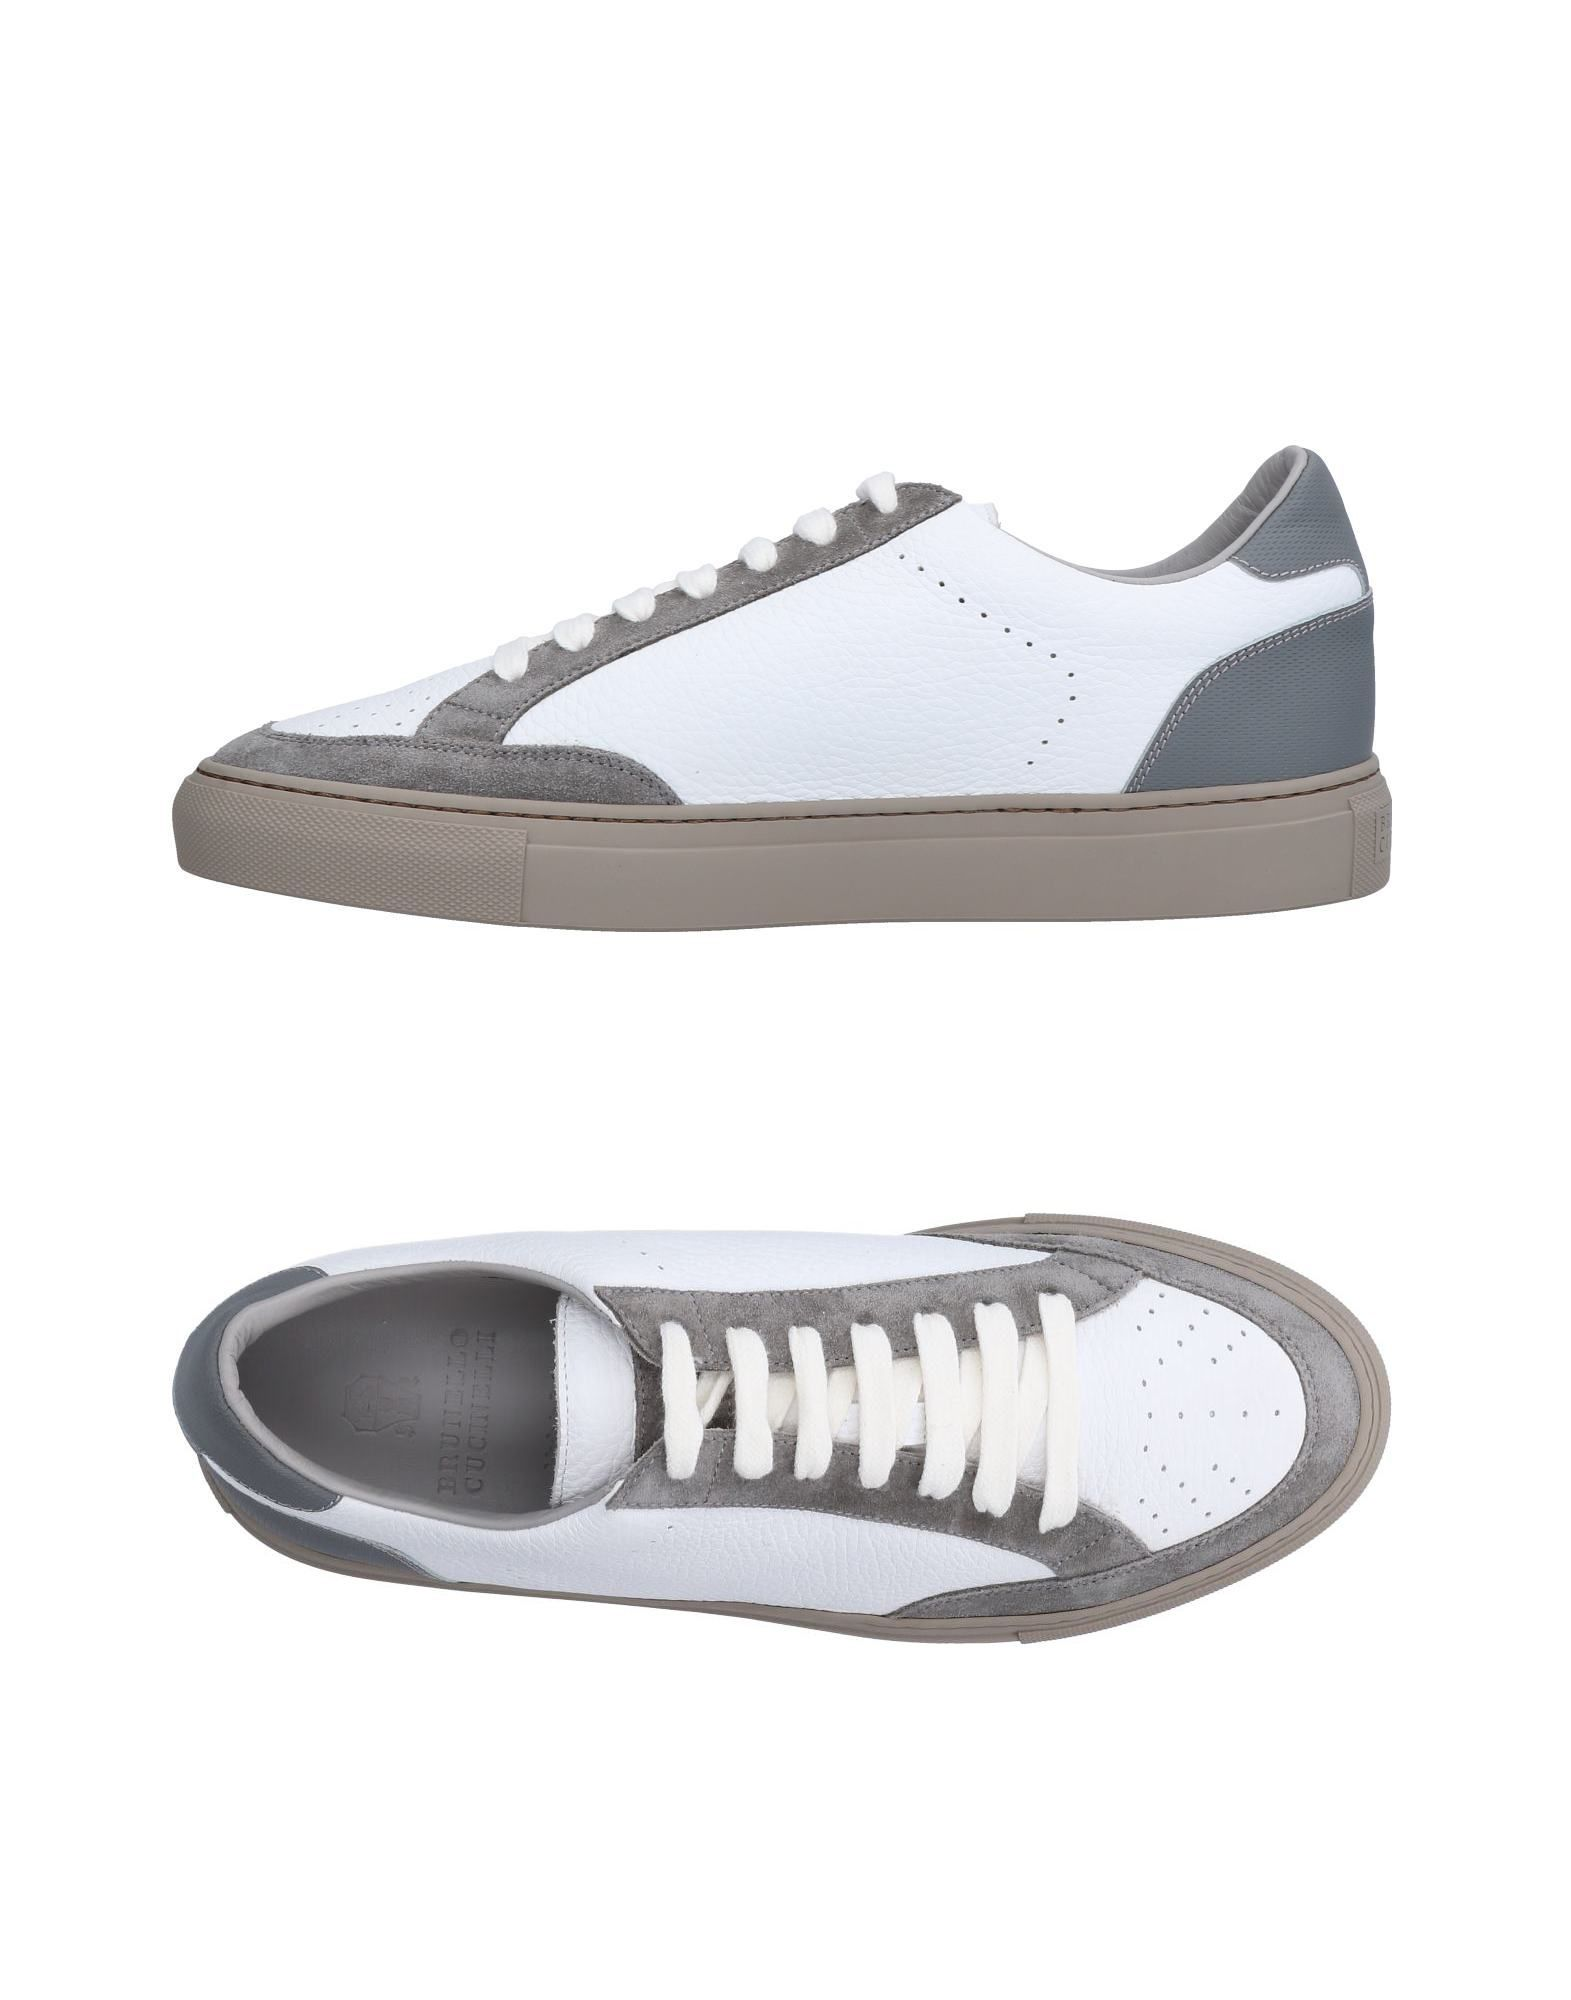 Brunello Cucinelli Sneakers Herren  11516211DV Gute Qualität beliebte Schuhe